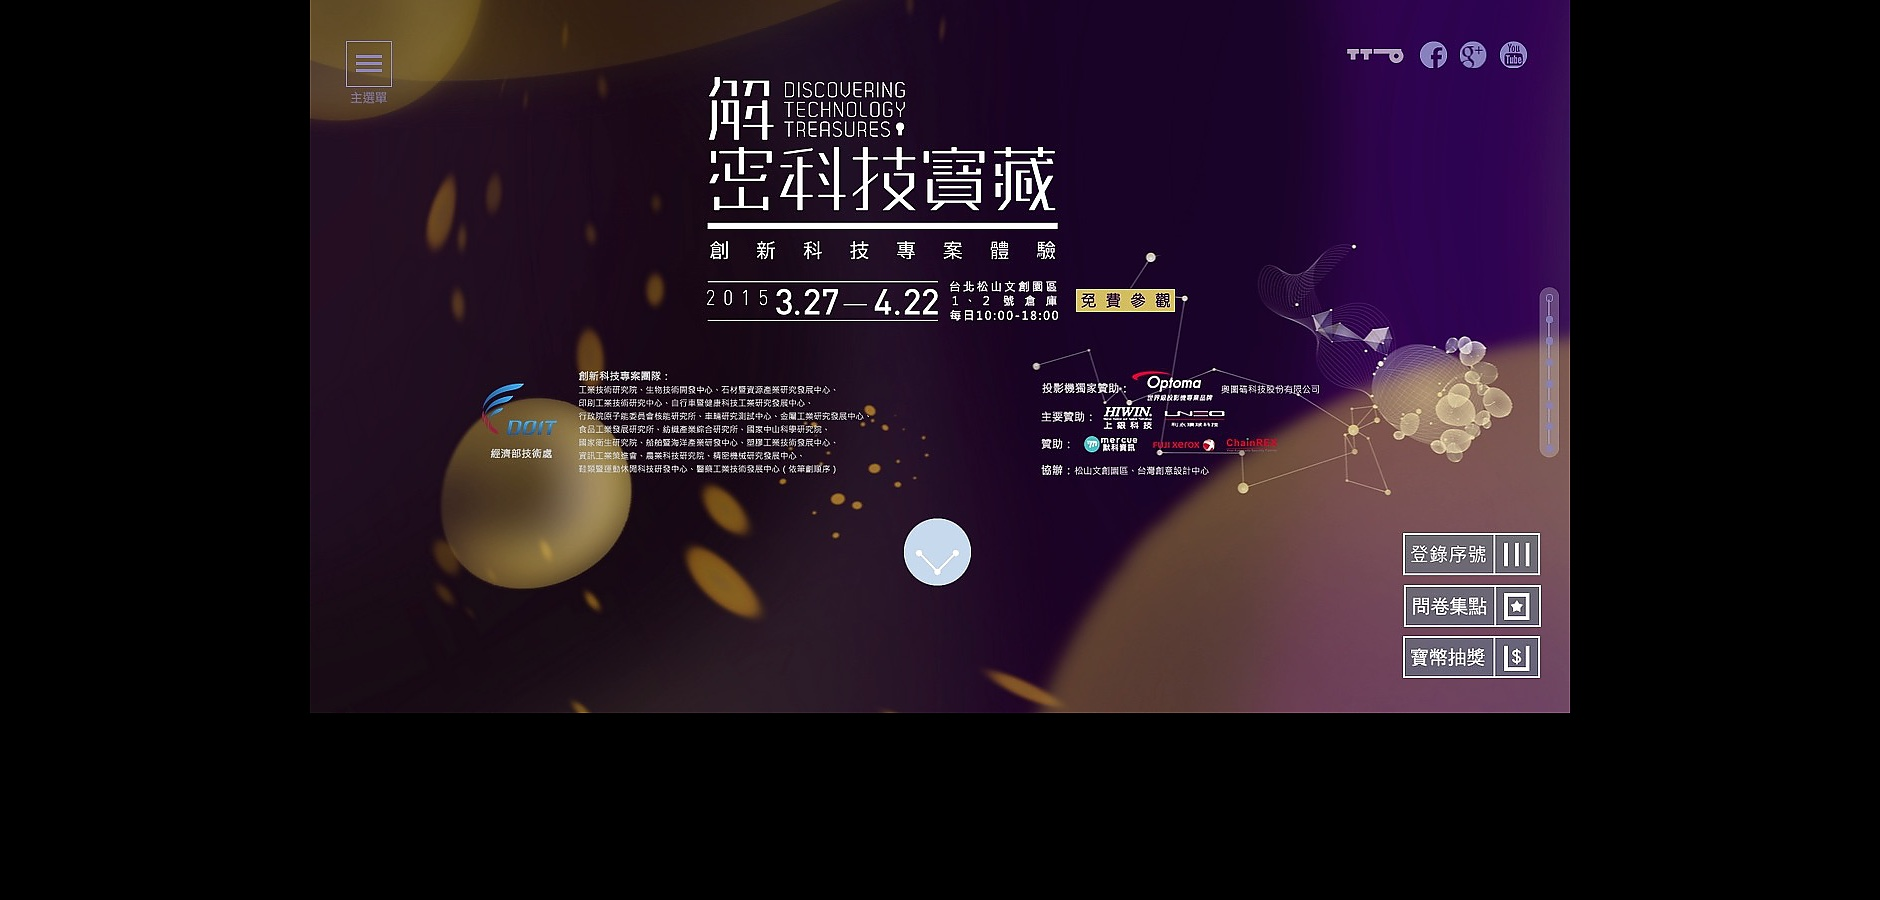 2015活動網站